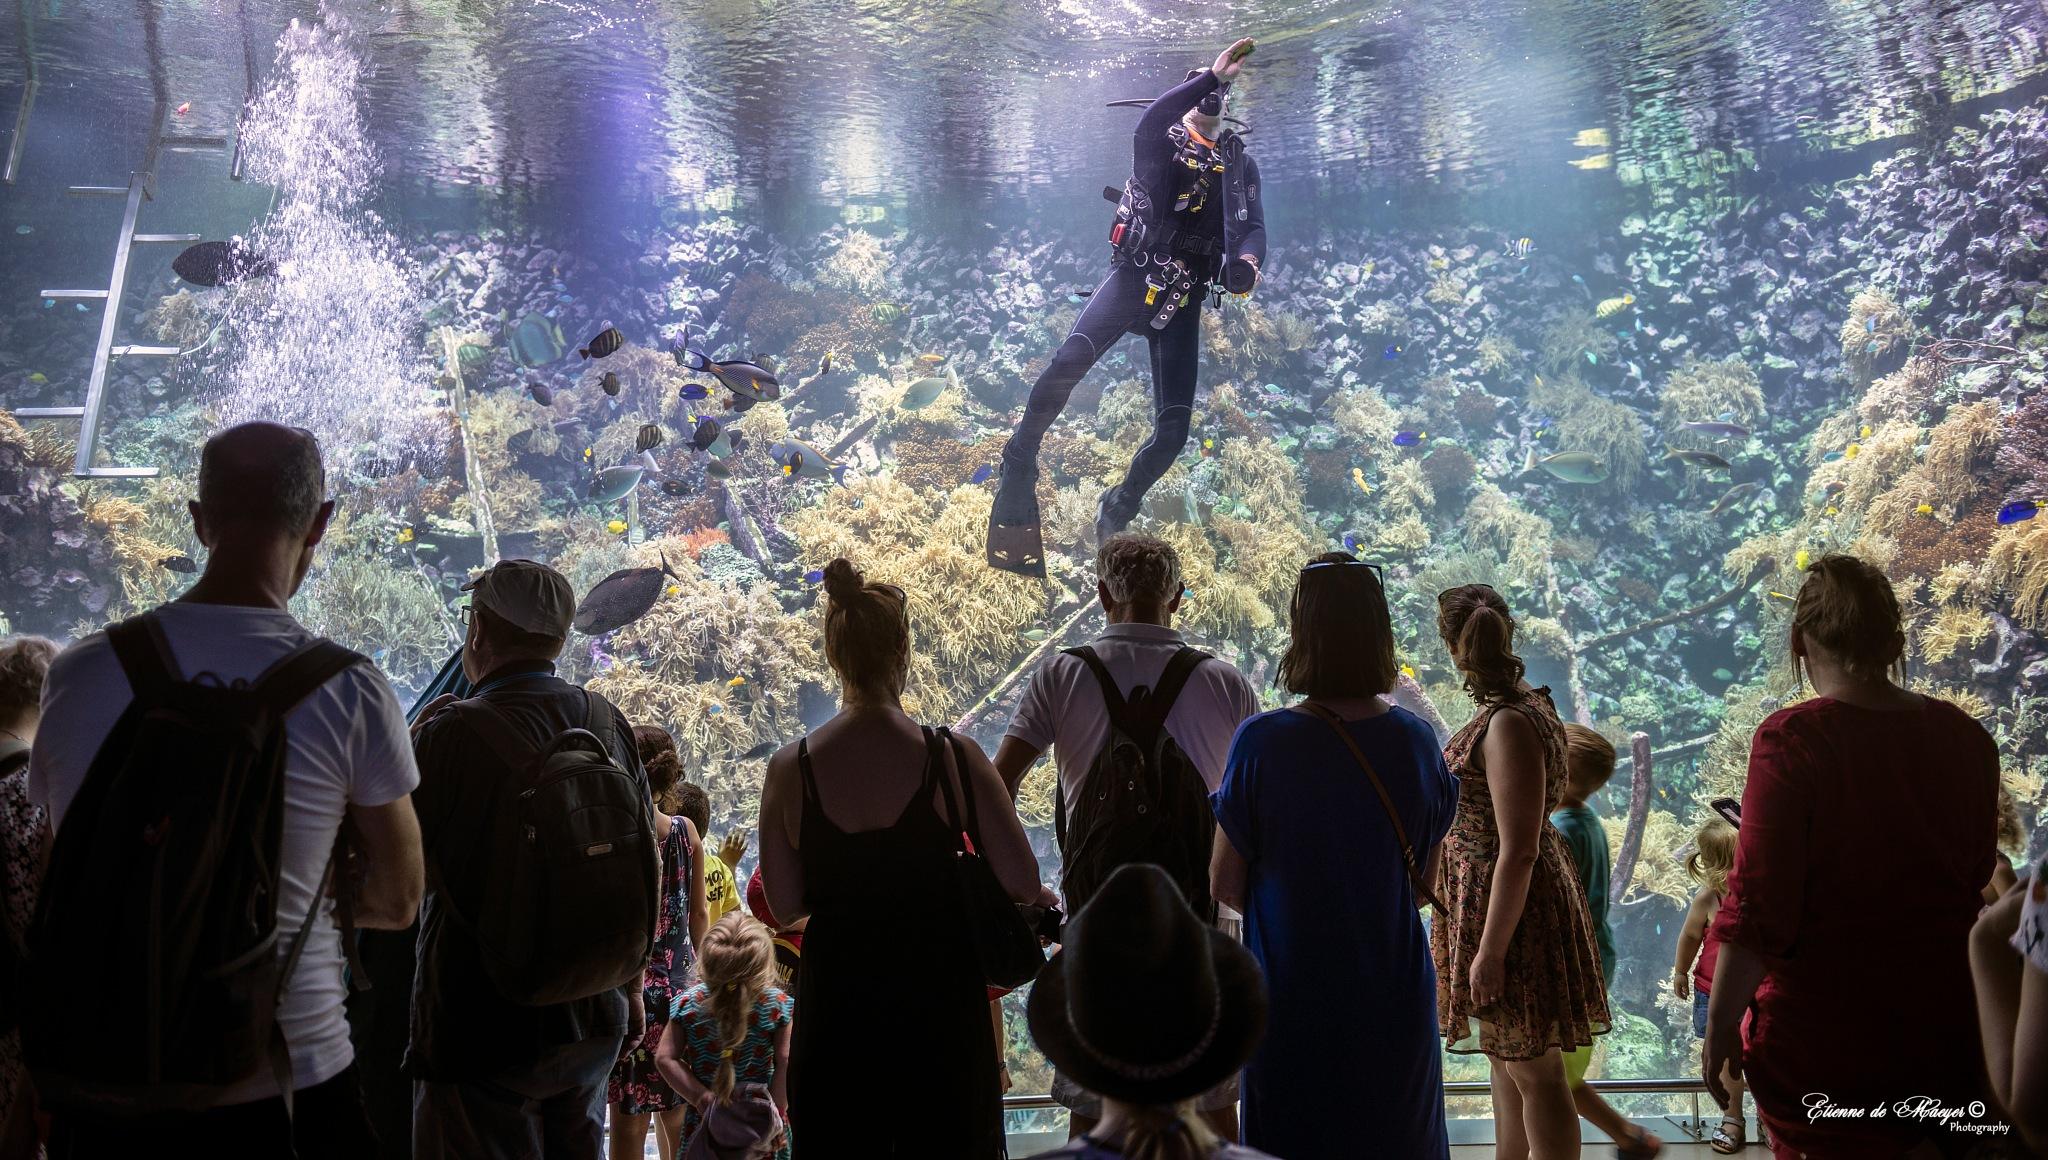 Koraalrif aquarium zoo Antwerpen by Etienne de Maeyer